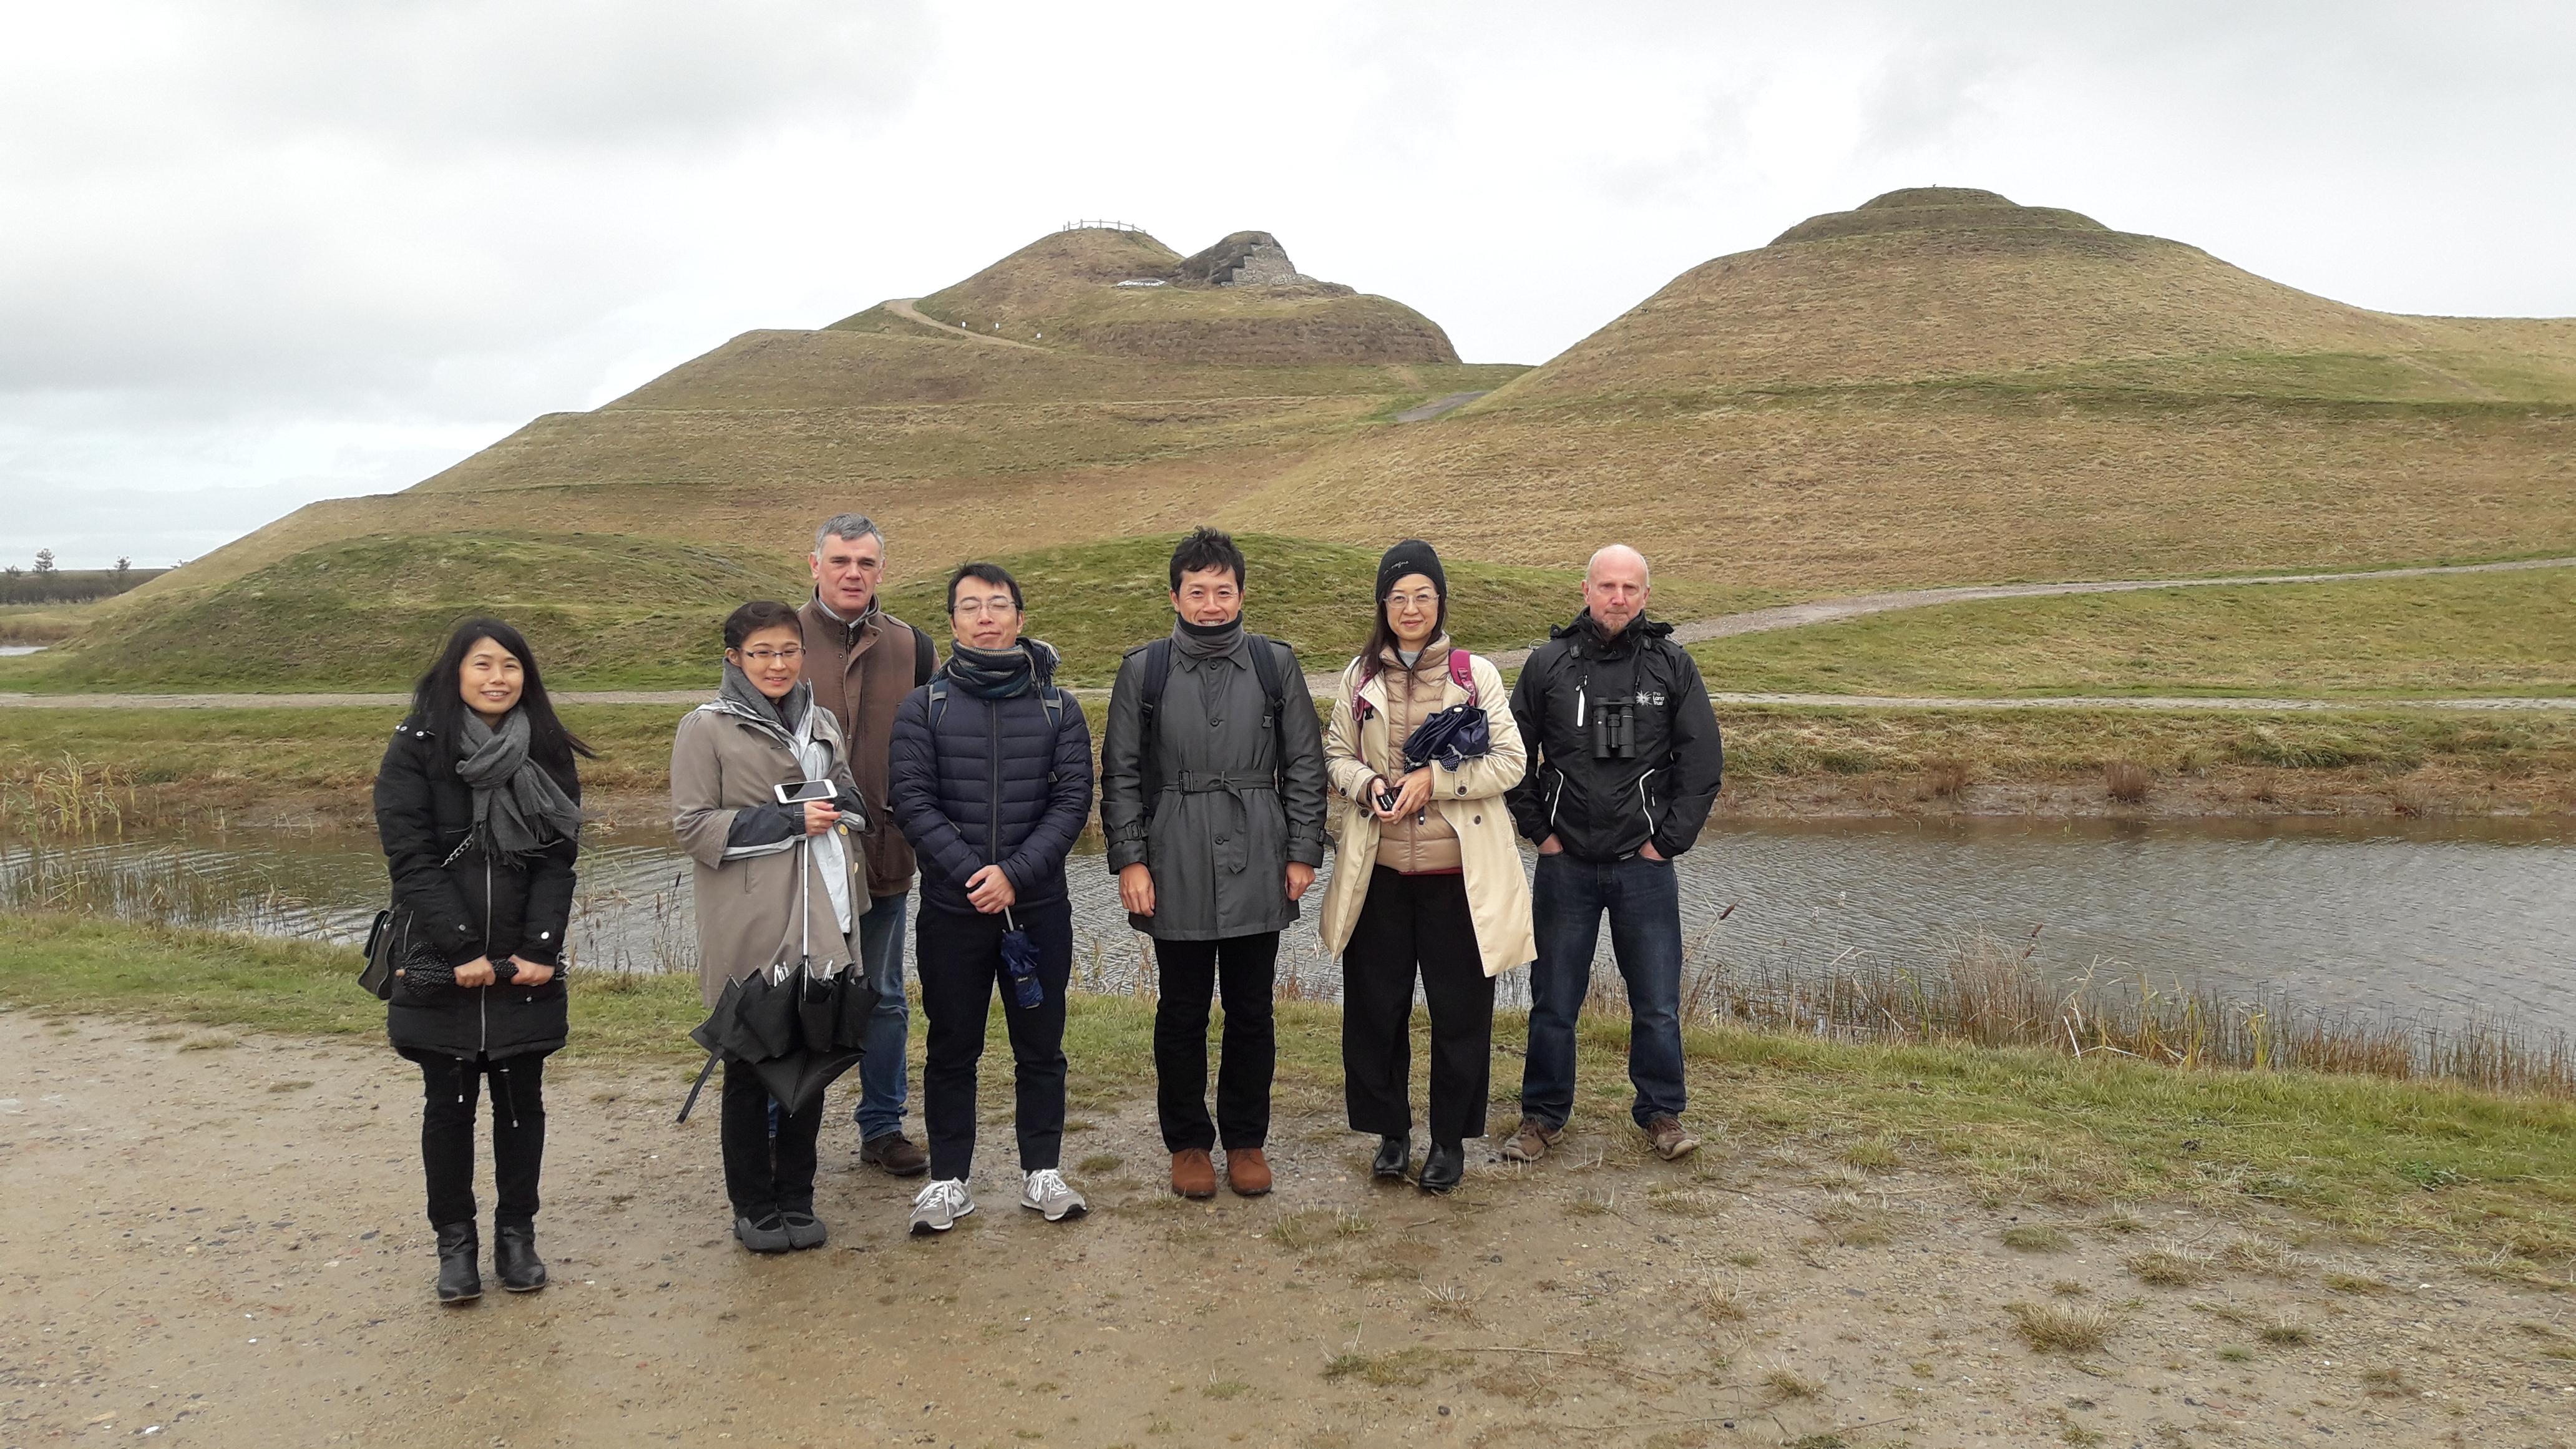 Japanese scientists visit Northumberlandia